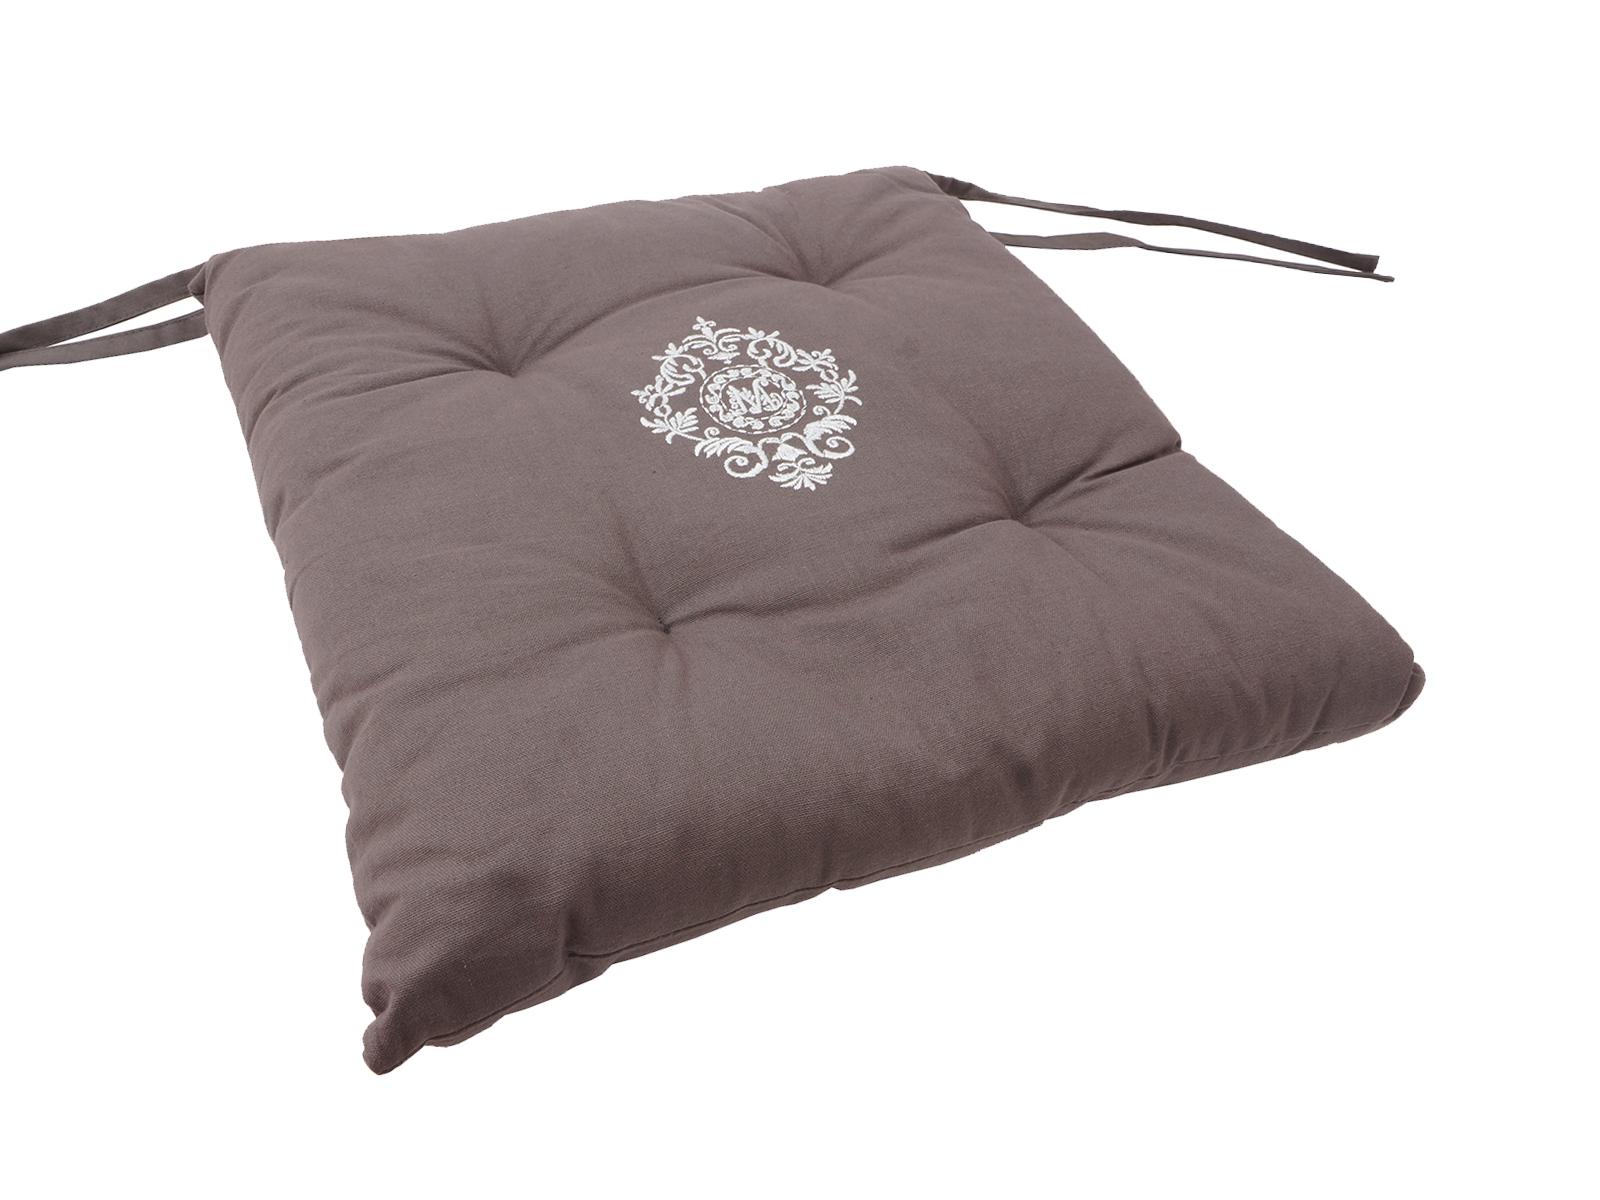 Подушка на стул  MelineПодушки для стульев<br>Подушка для стула с классическим французским дизайном Производство: Франция.<br>